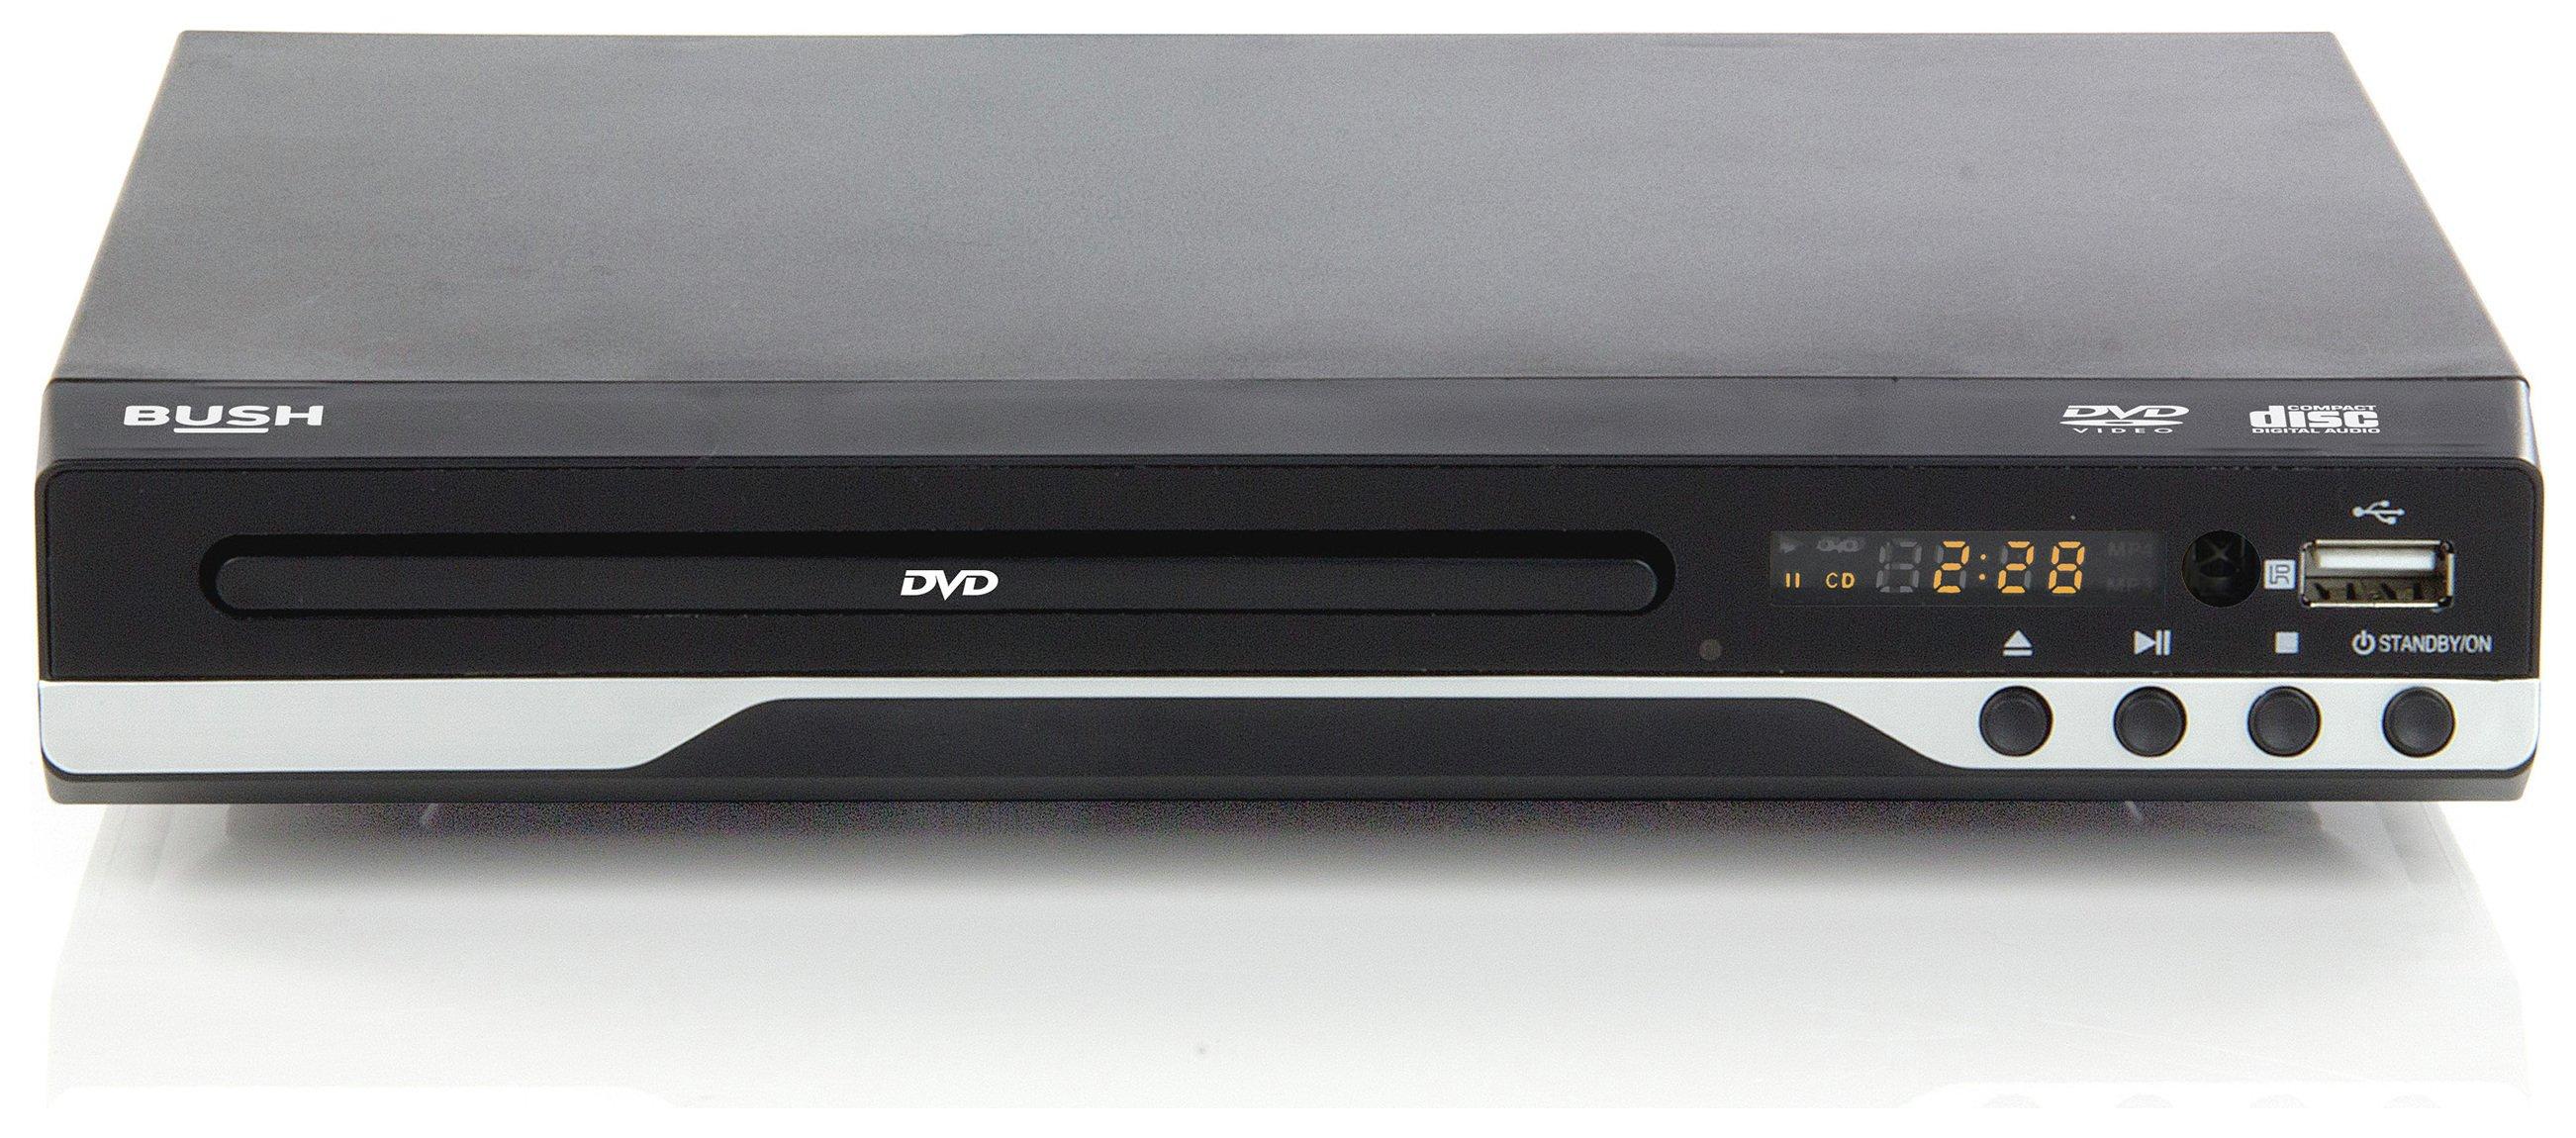 Bush Bush - DVD Player with Display and USB